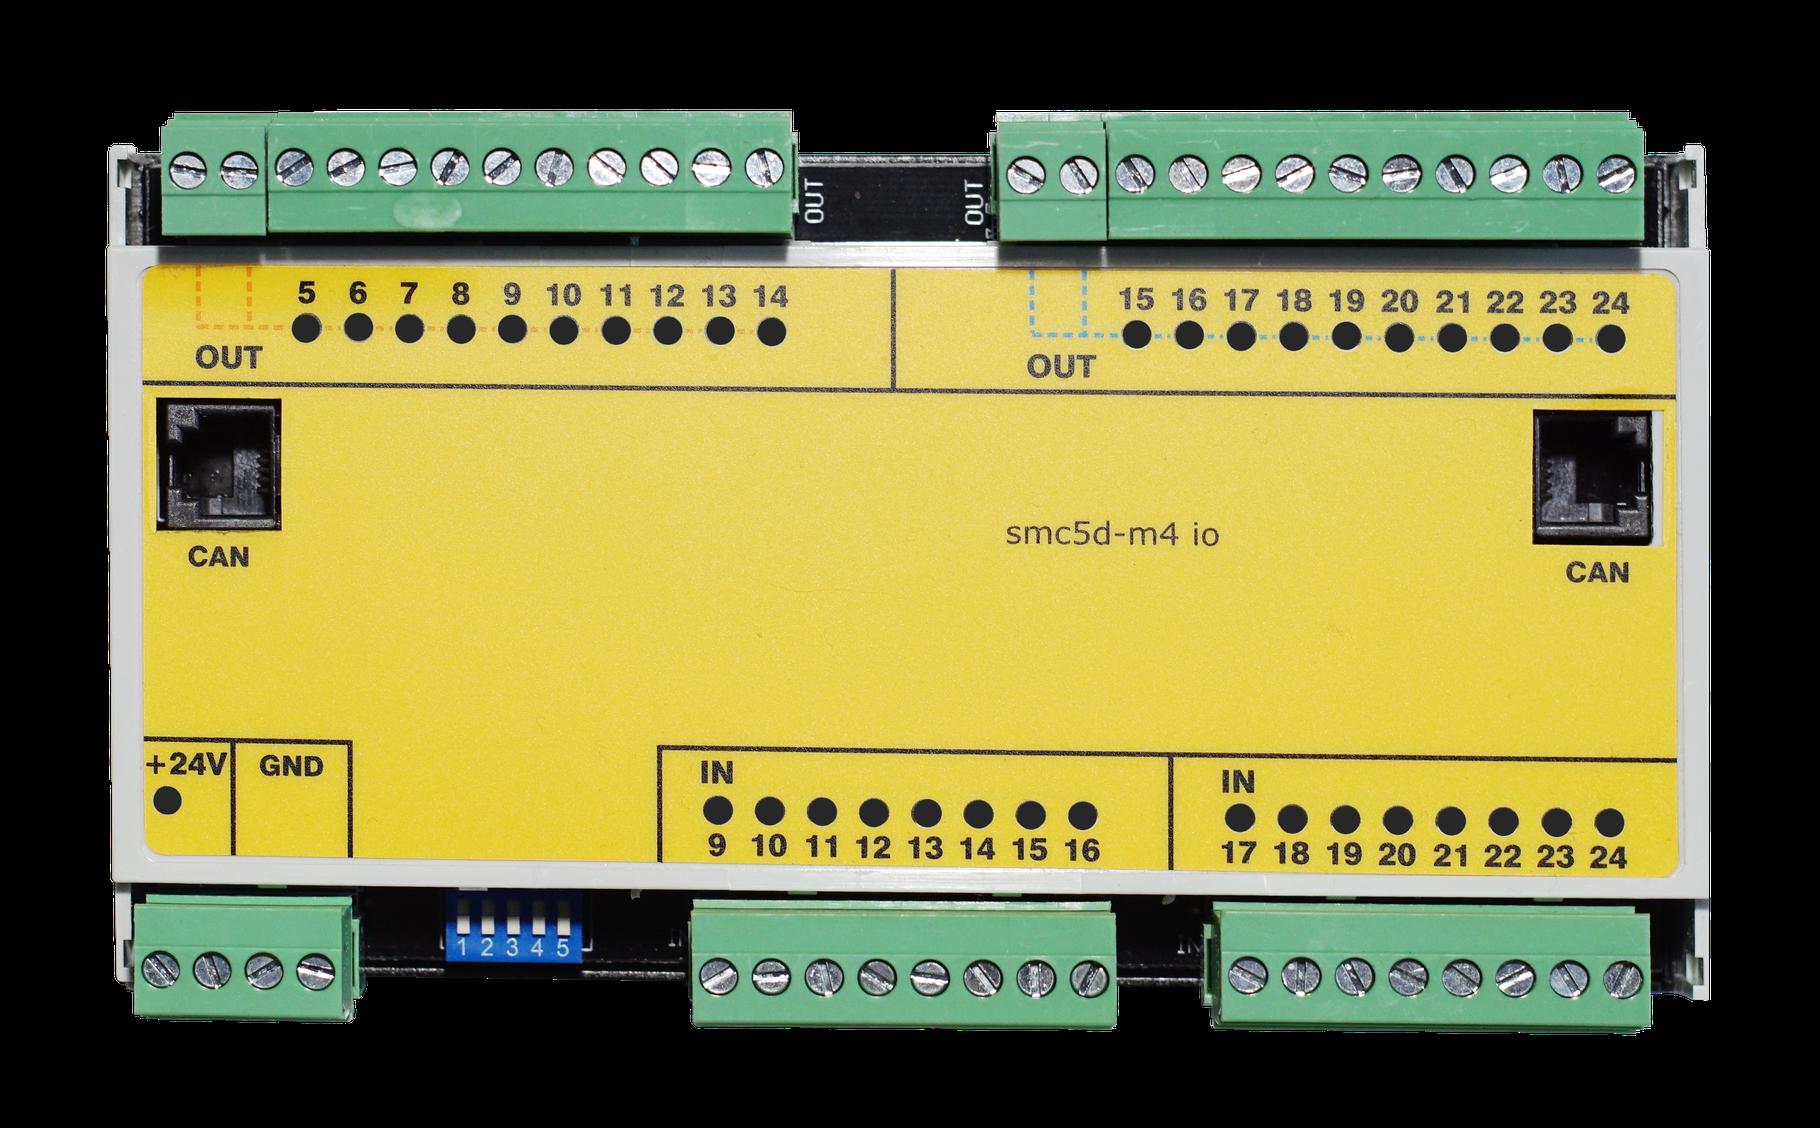 ISP Erweiterungsmodul M4 Digial IO CAN-Bus im Hutschienengehaeuse